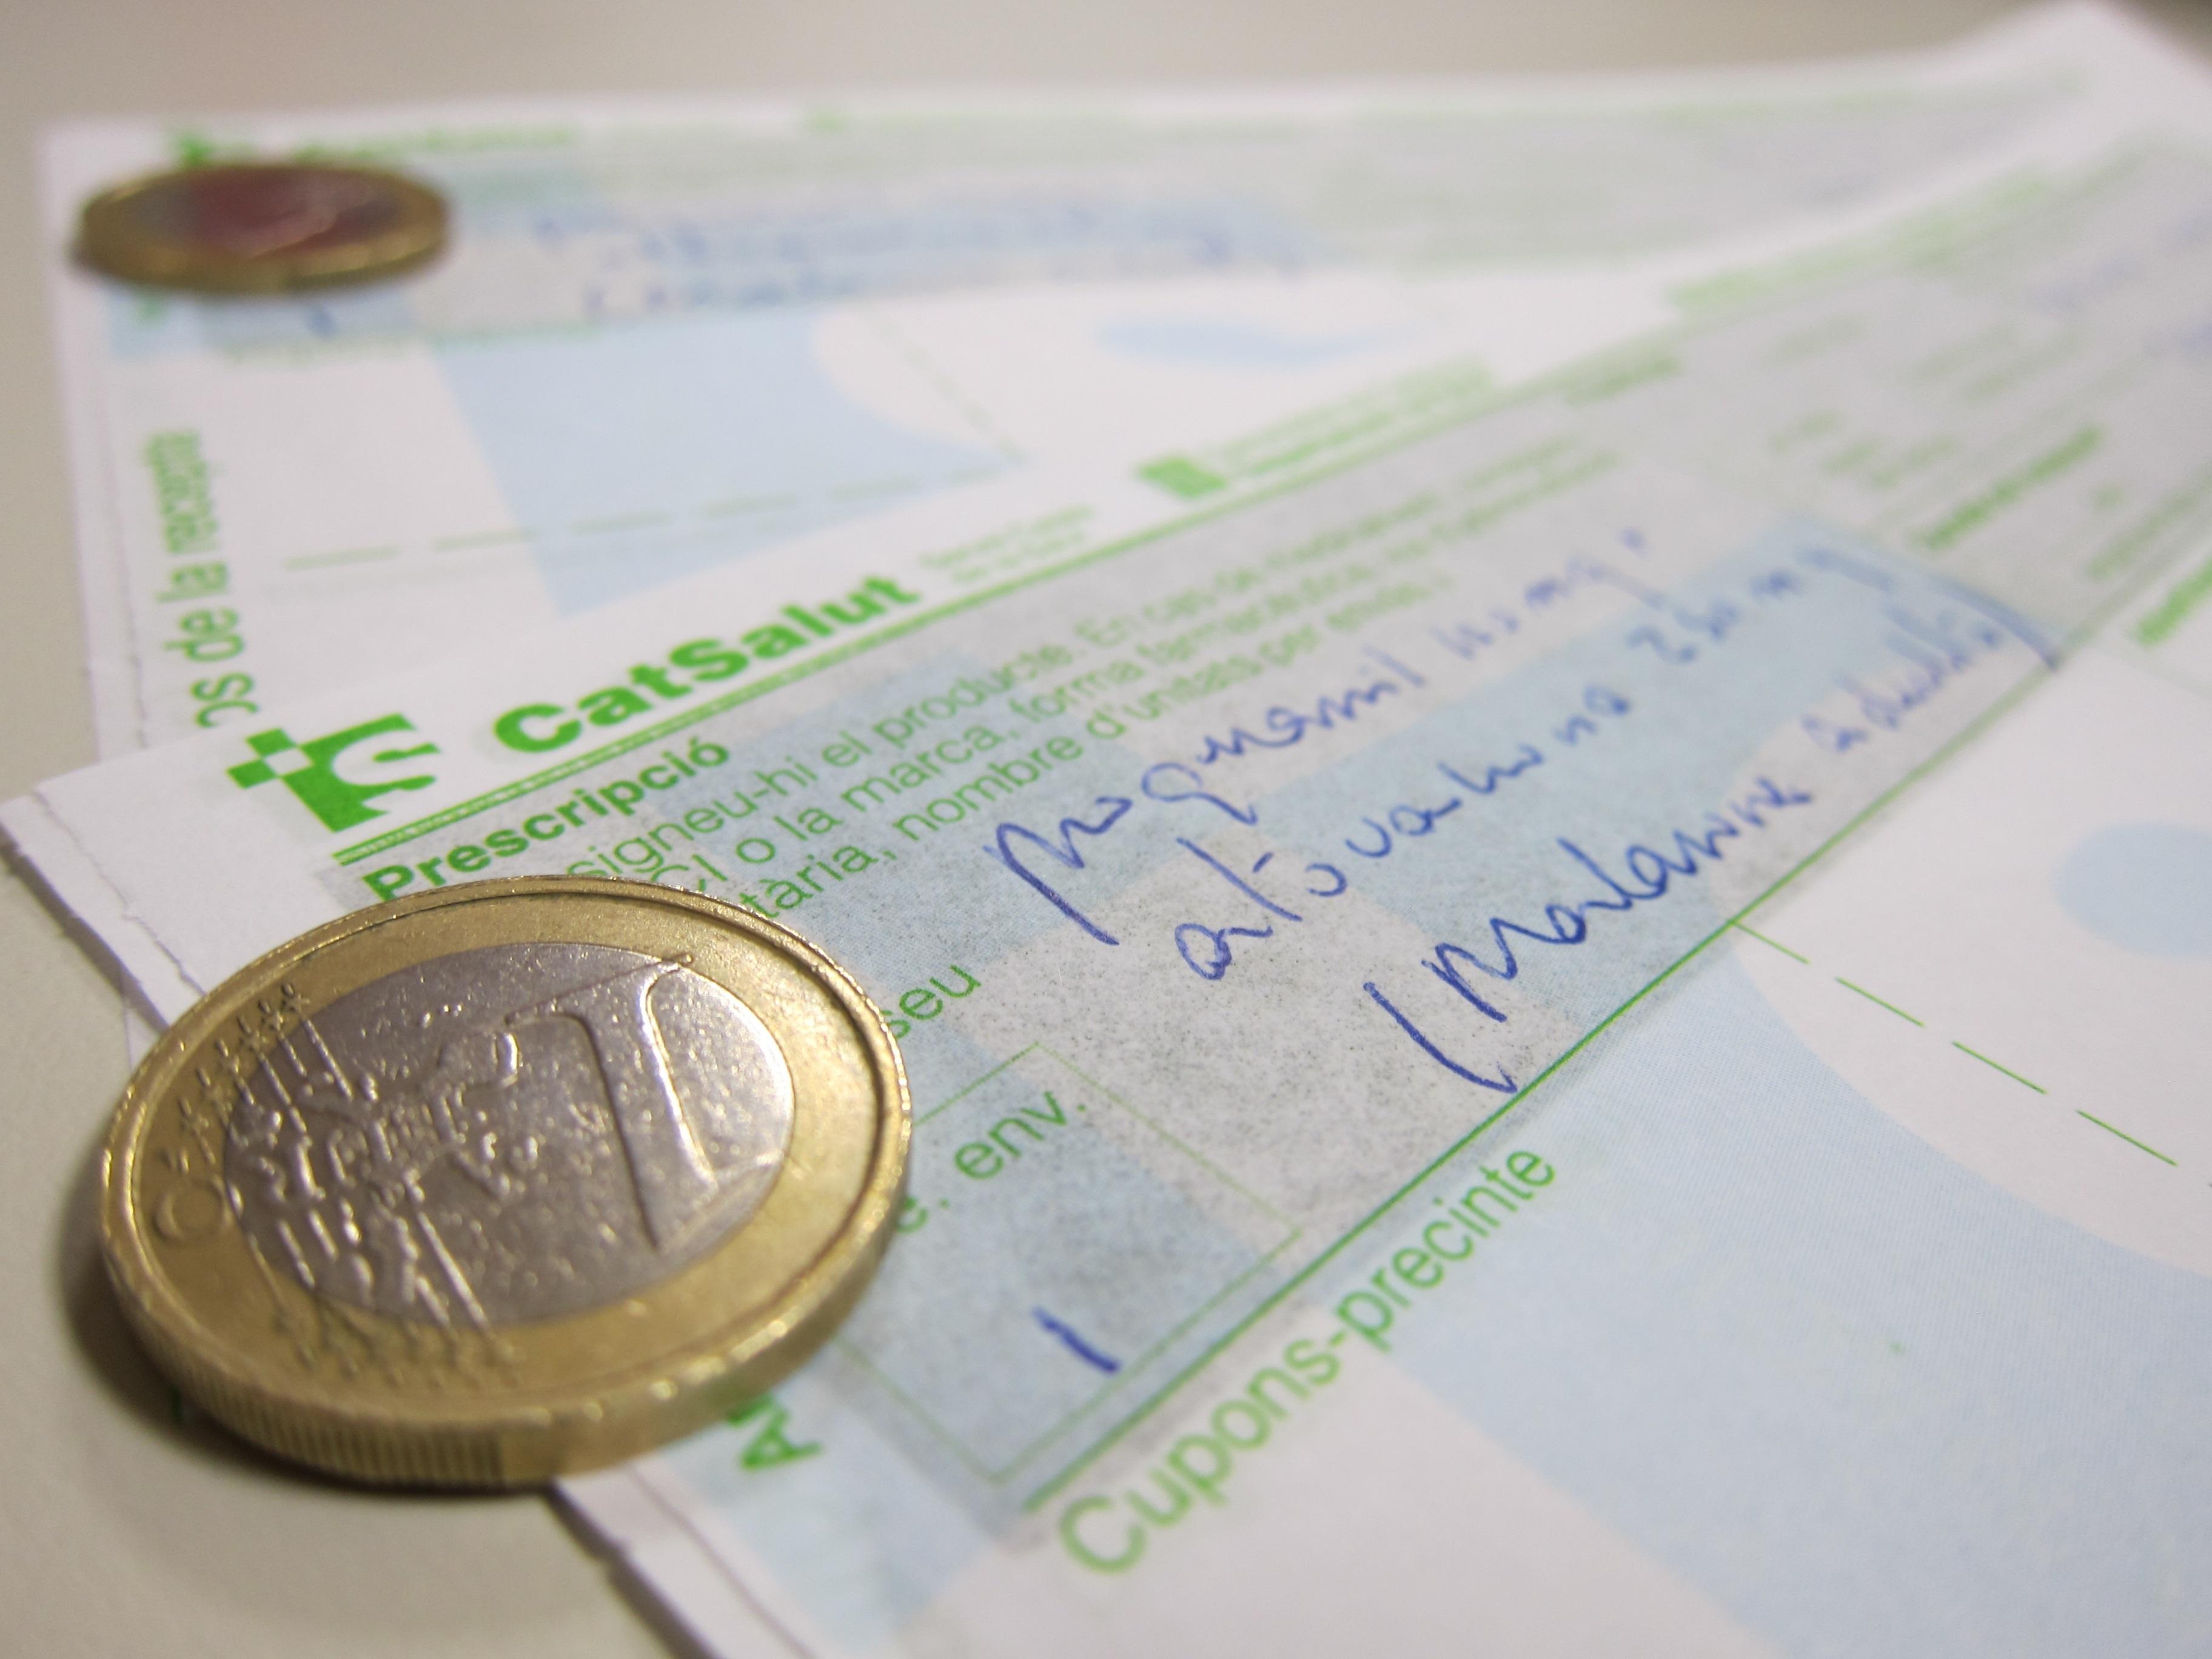 Las farmacias catalanas dejarán de cobrar el euro por receta a las 23 horas